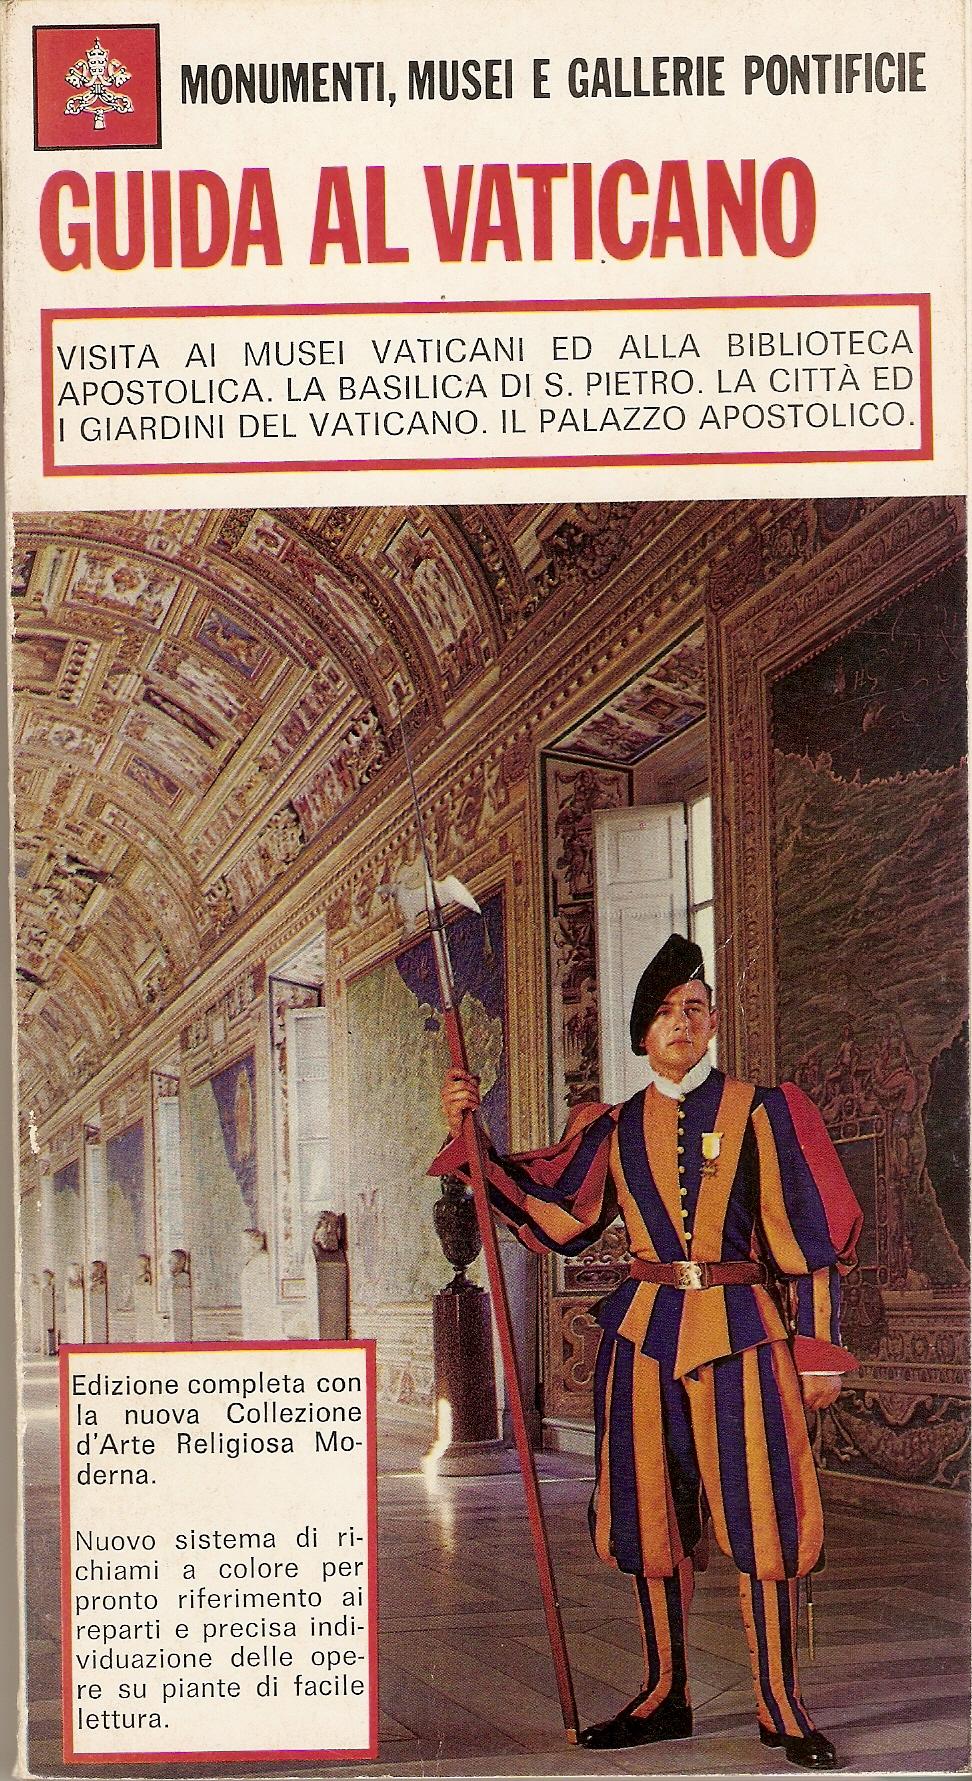 Guida al Vaticano